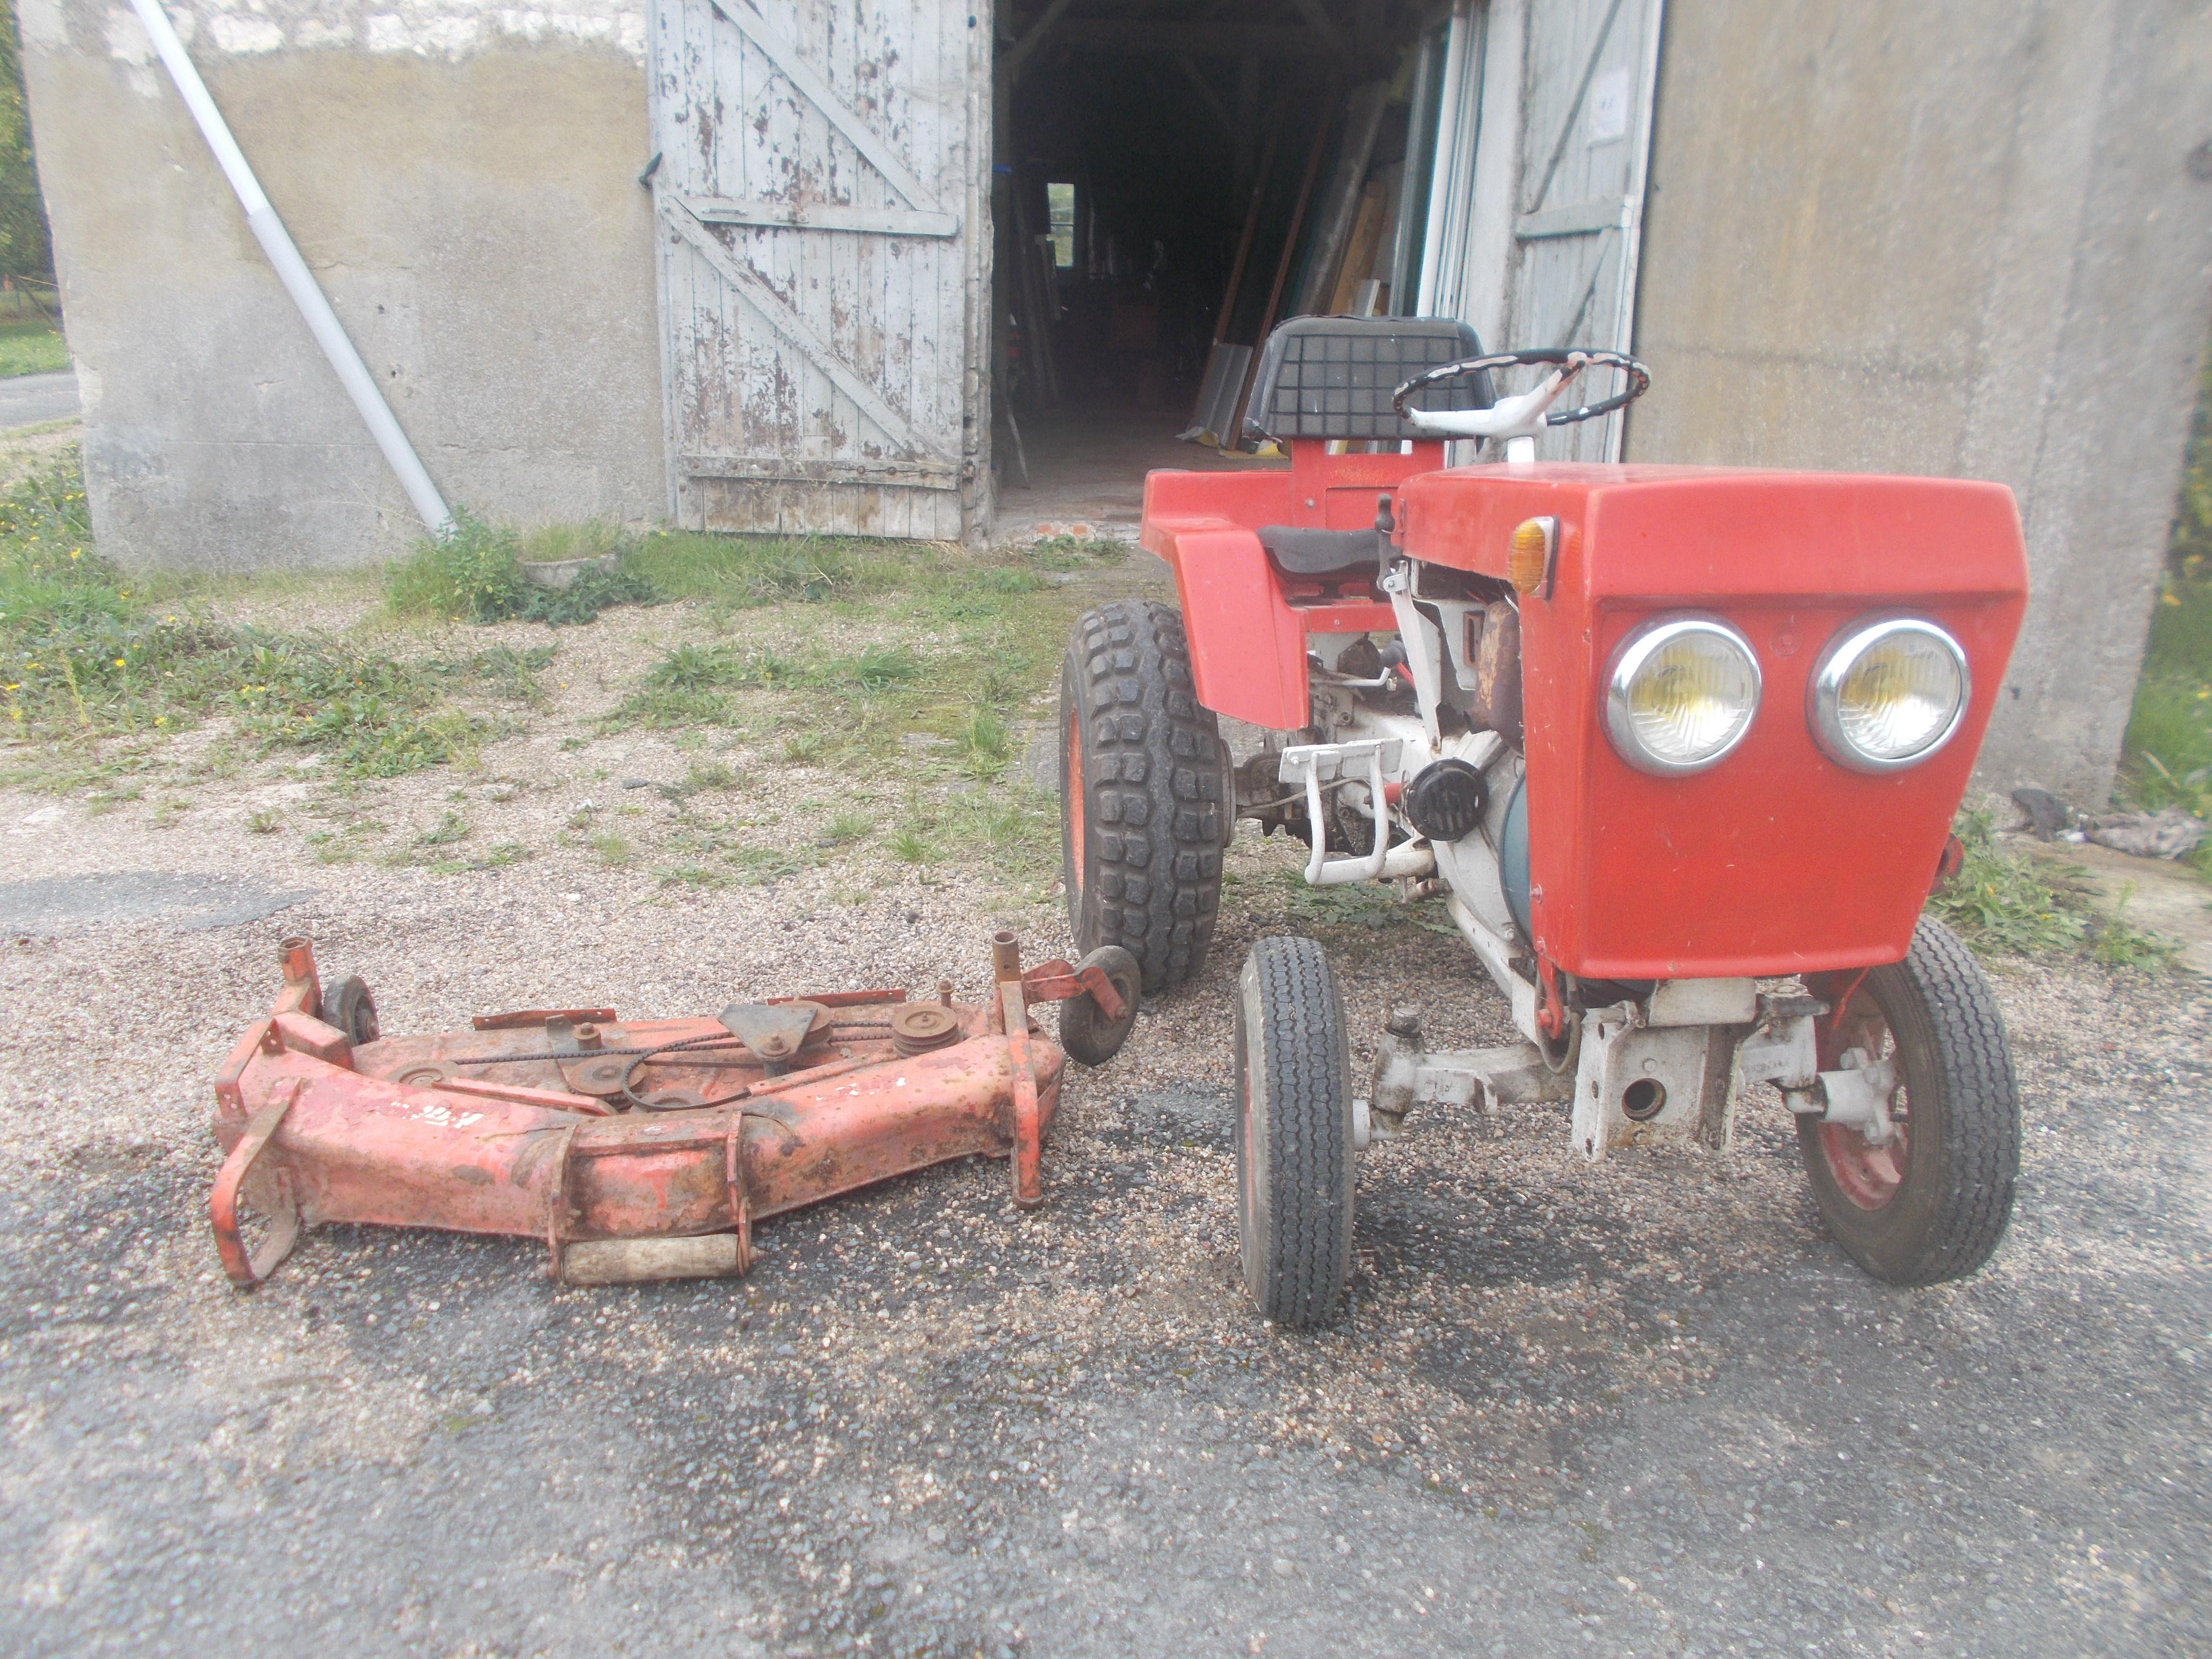 Tracteur diesel 23 cv dans l'état faire prix